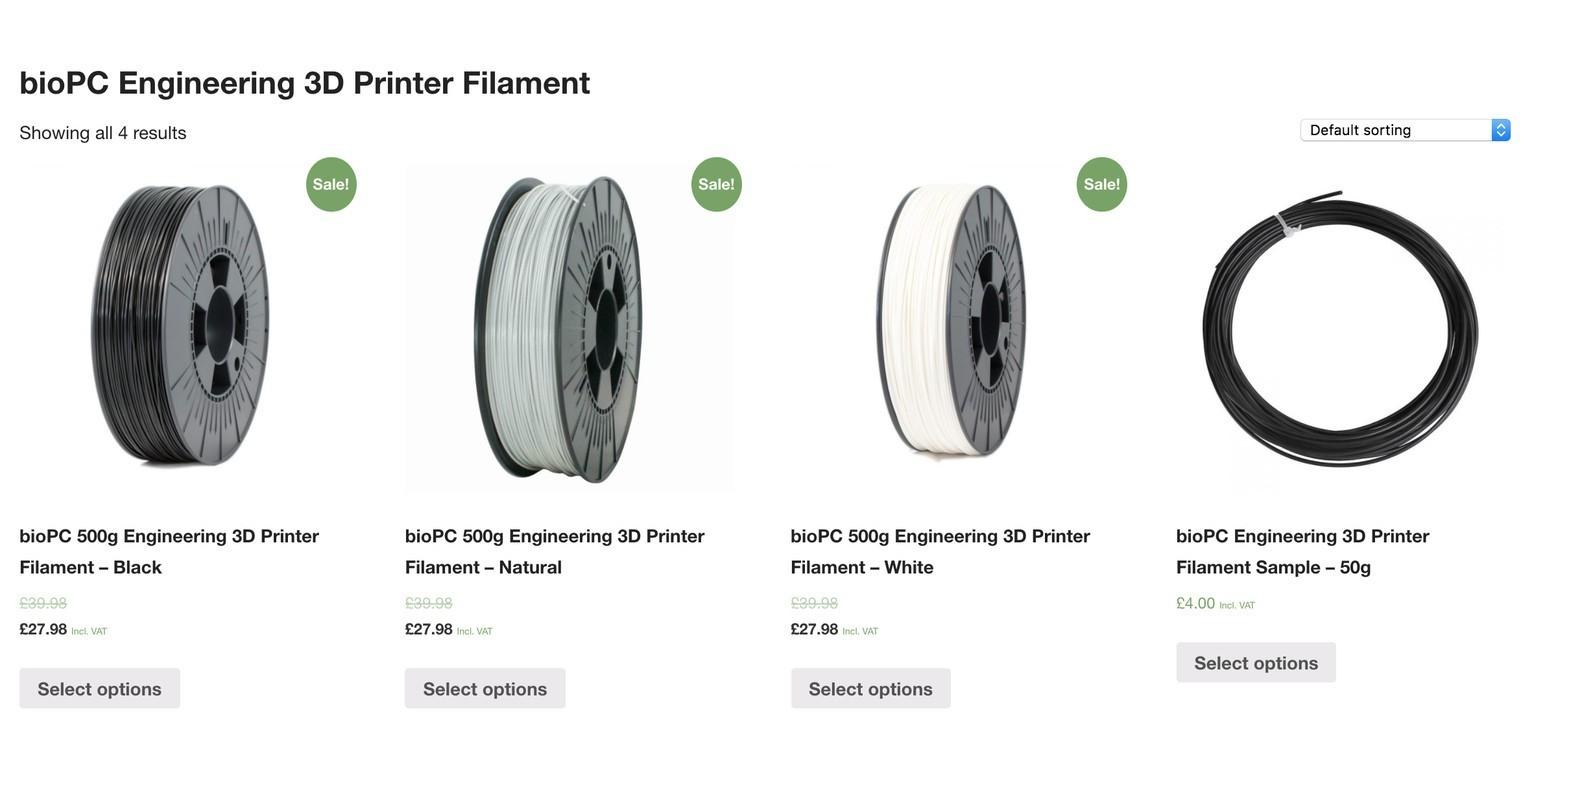 Presentamos bioPC - el mejor filamento de impresora 3D para aplicaciones de ingeniería en impresión 3D